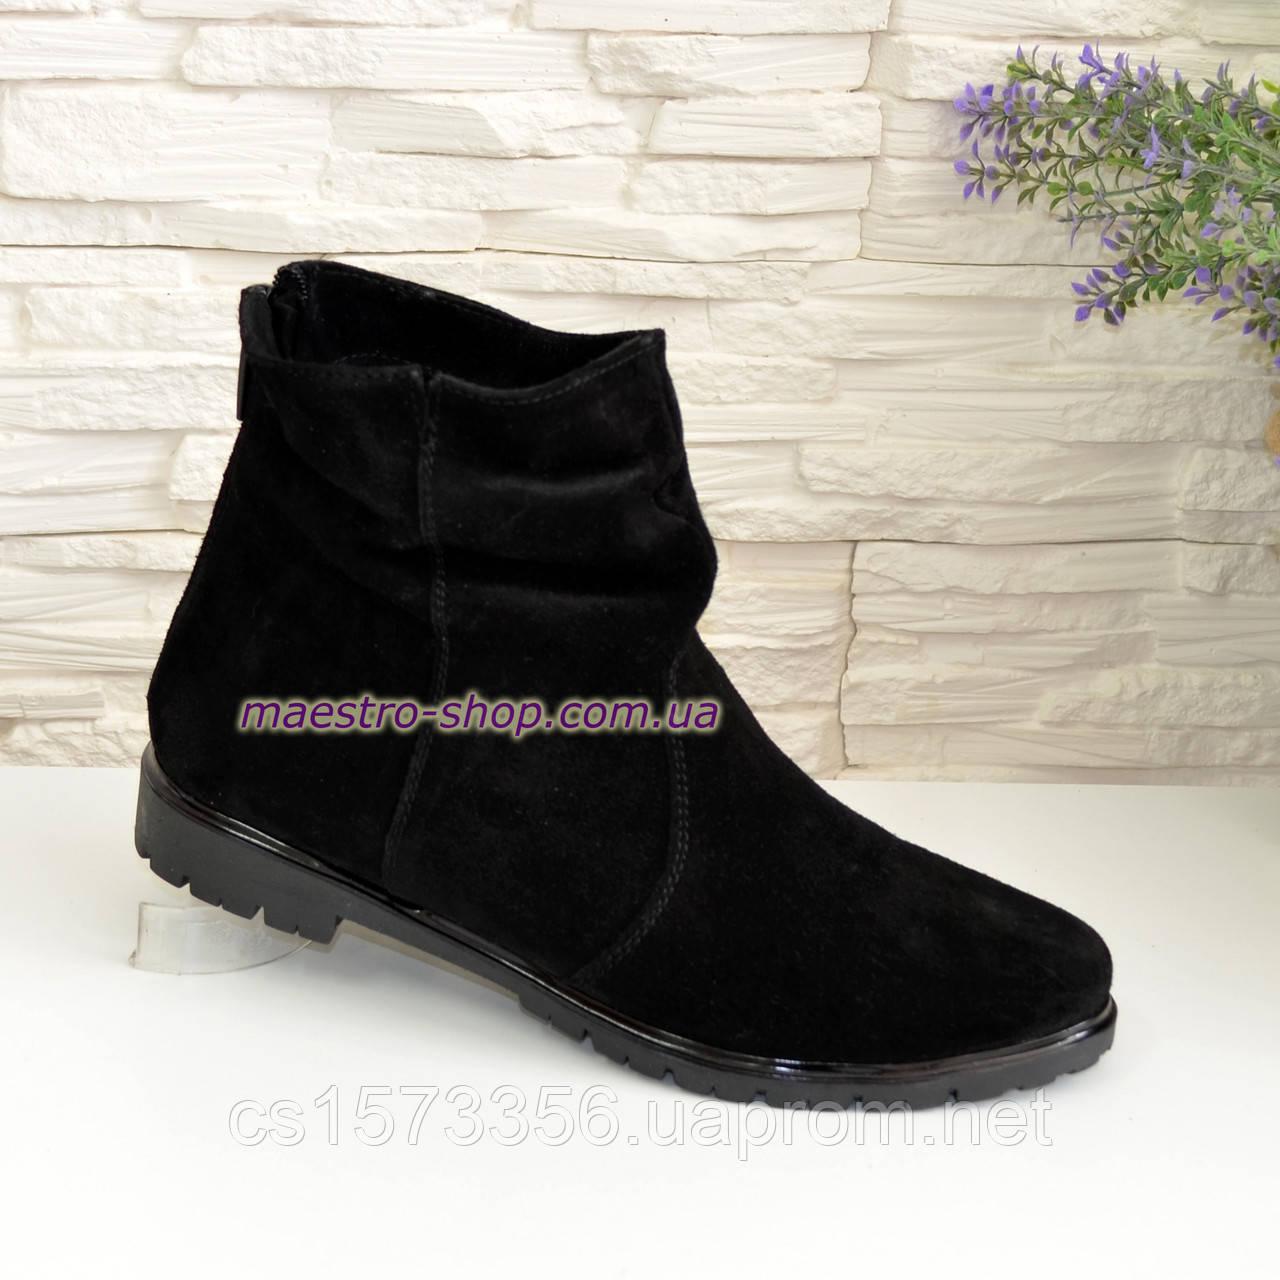 Зимние женские ботинки замшевые на низком ходу